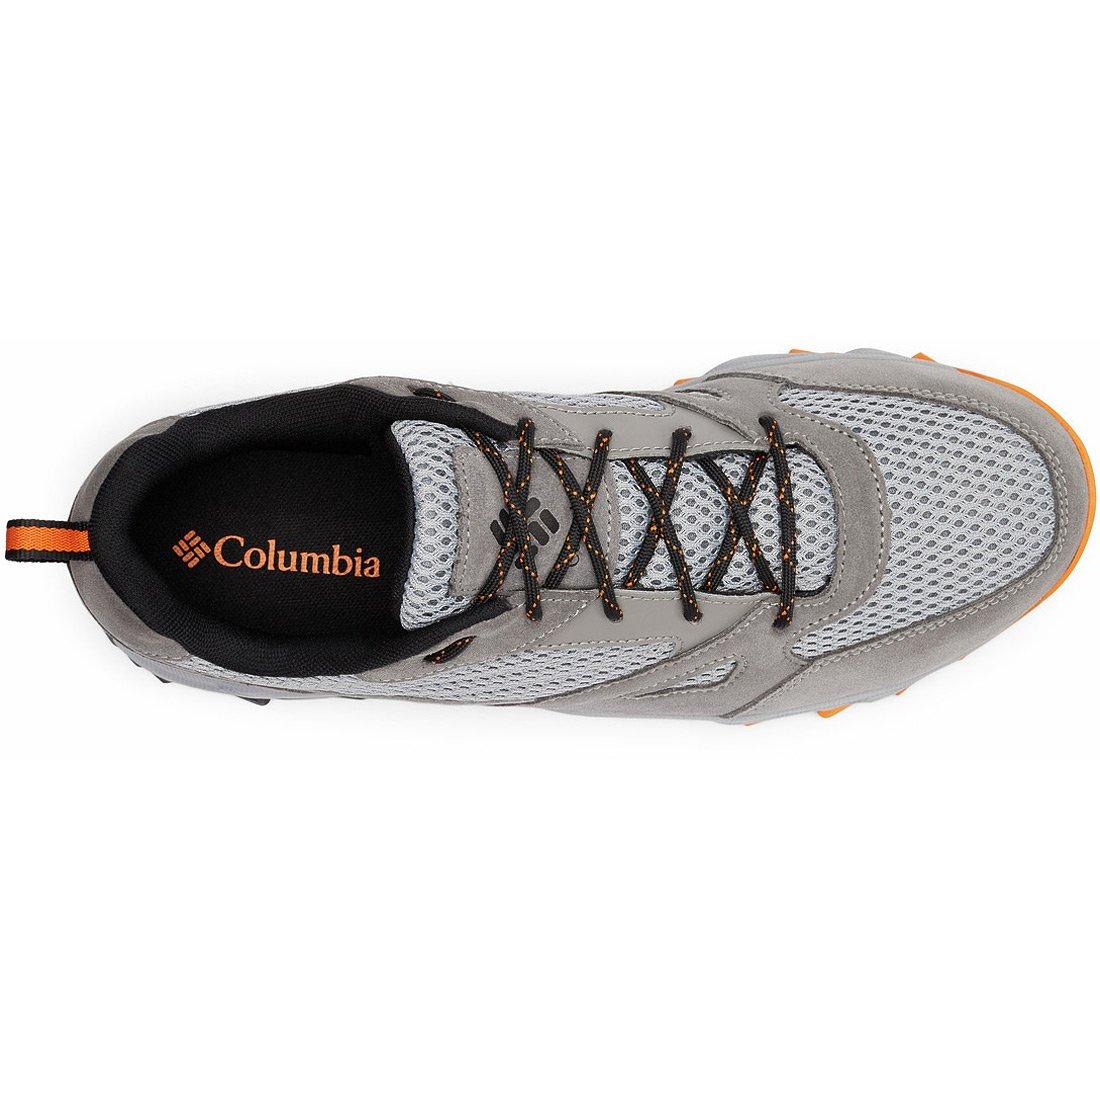 נעלי טיולים לגברים - Ivo Trail Breeze - Columbia